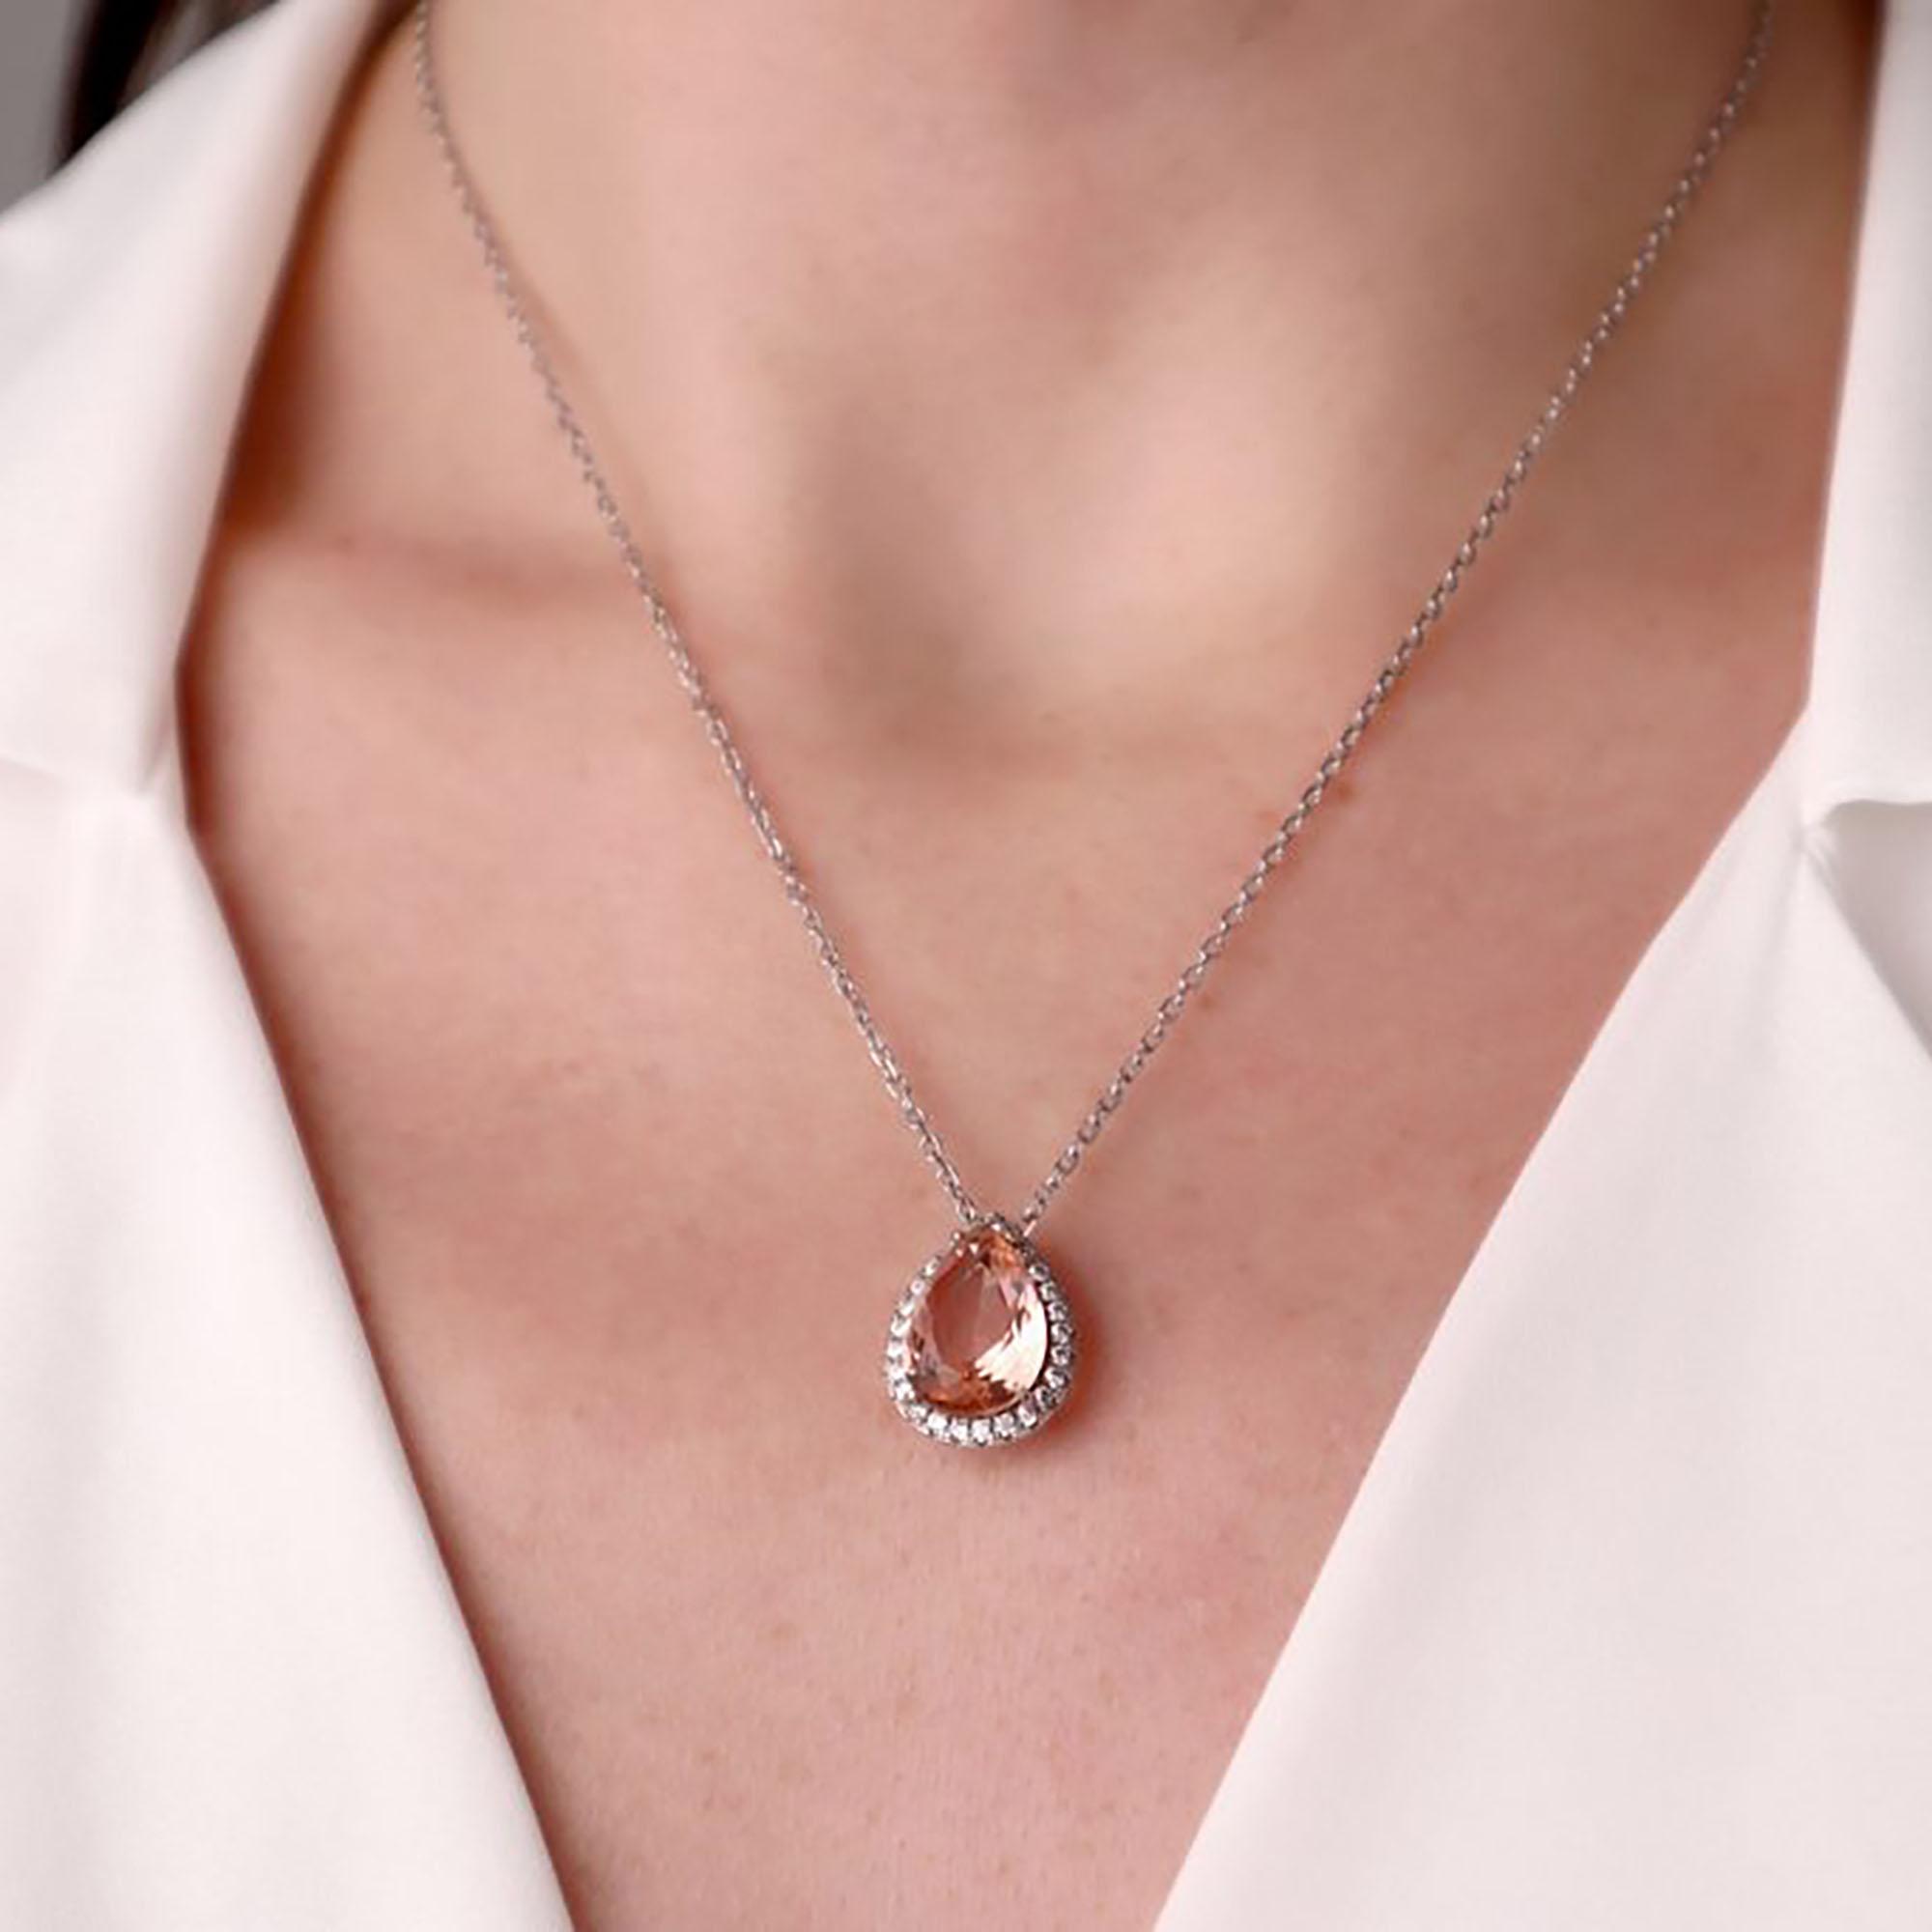 Gümüş – 925 Ayar Swarovski & Pink Quartz Taşlı Tasarım Kolye